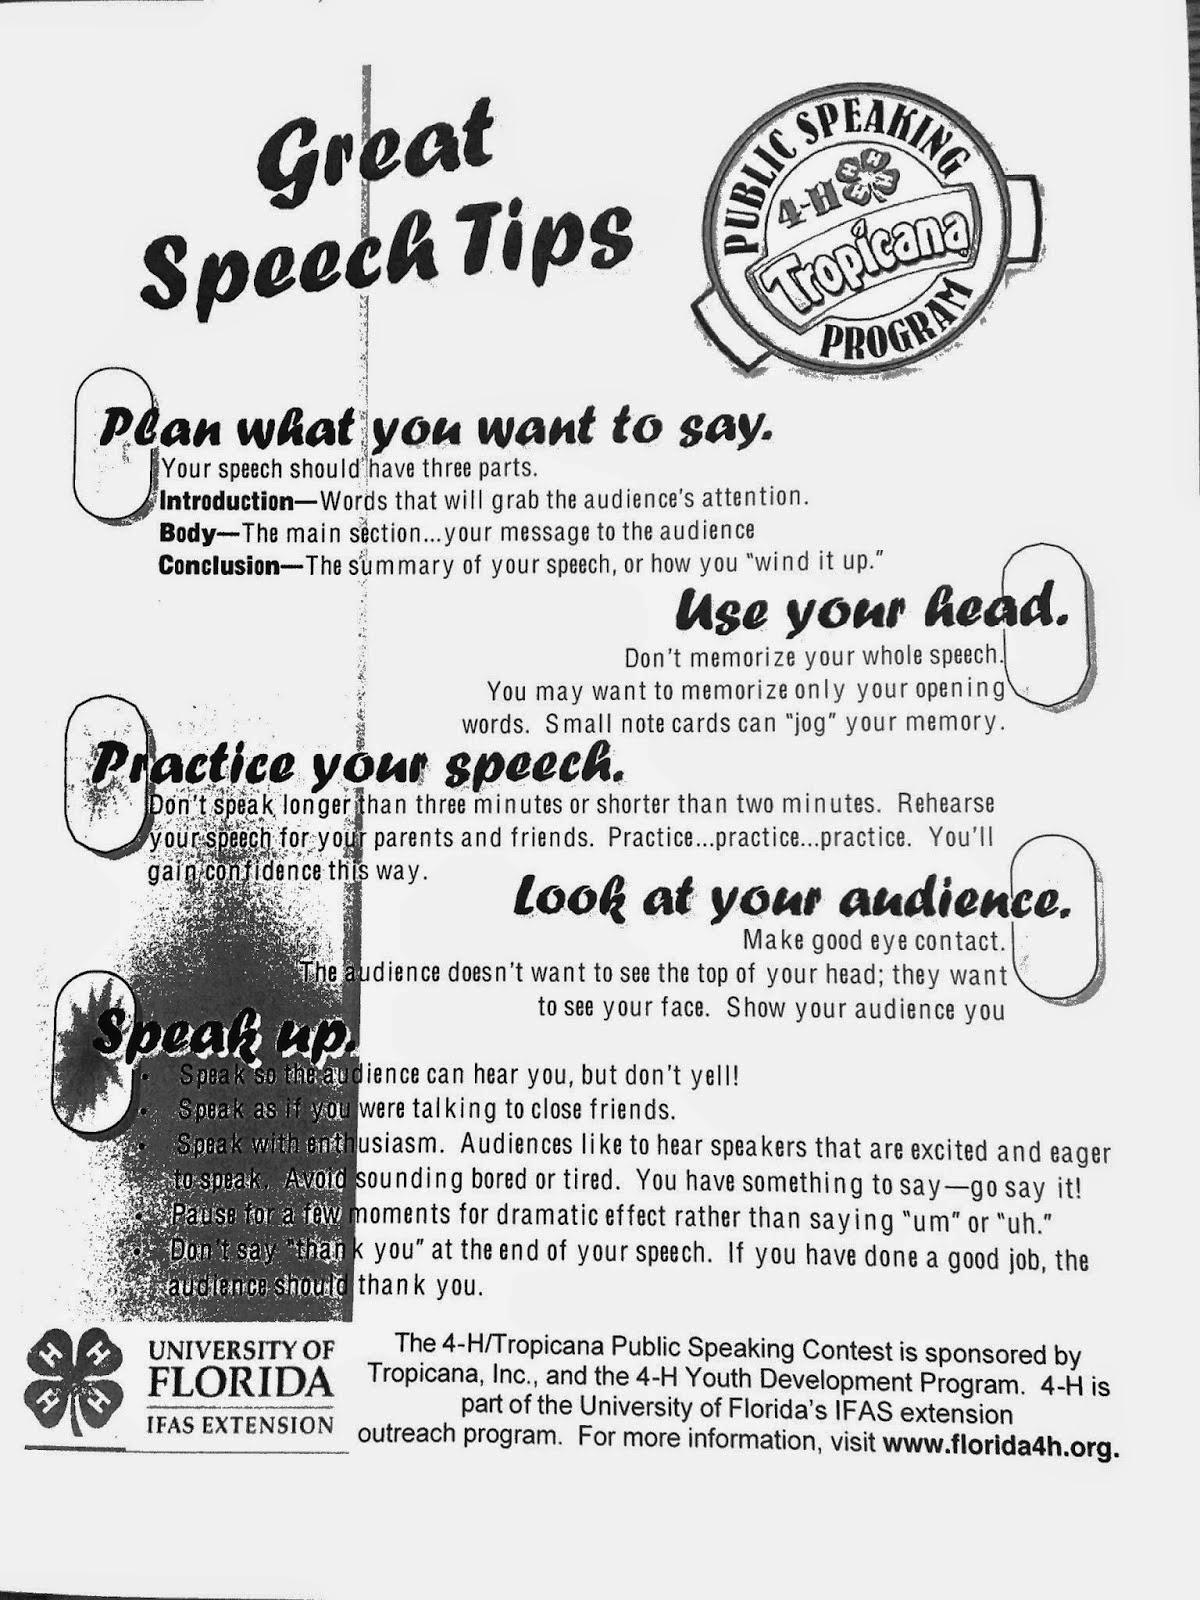 Speech writing assistance